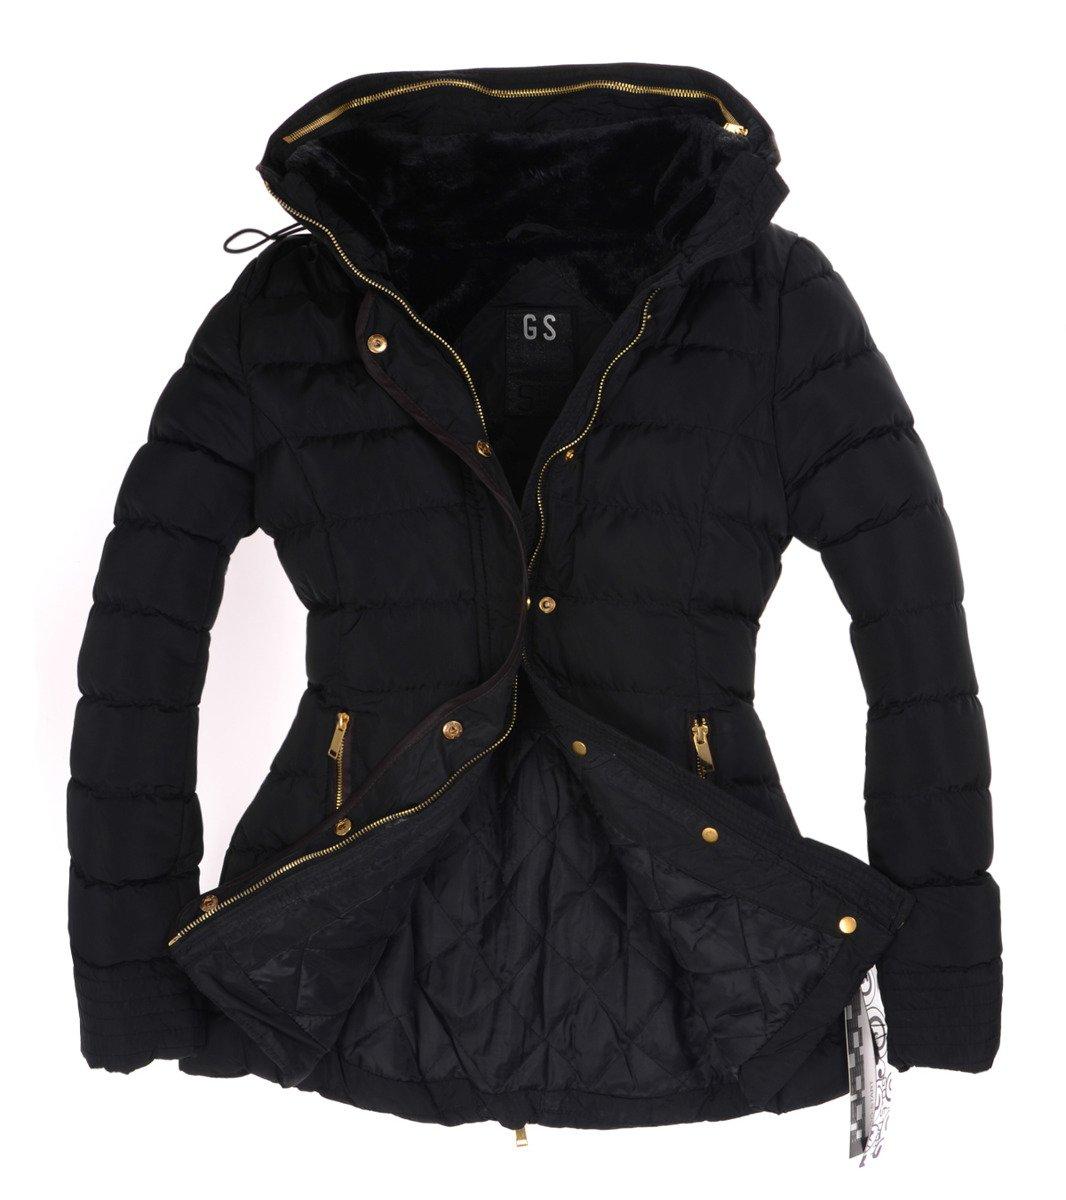 modna damska kurtka czarna